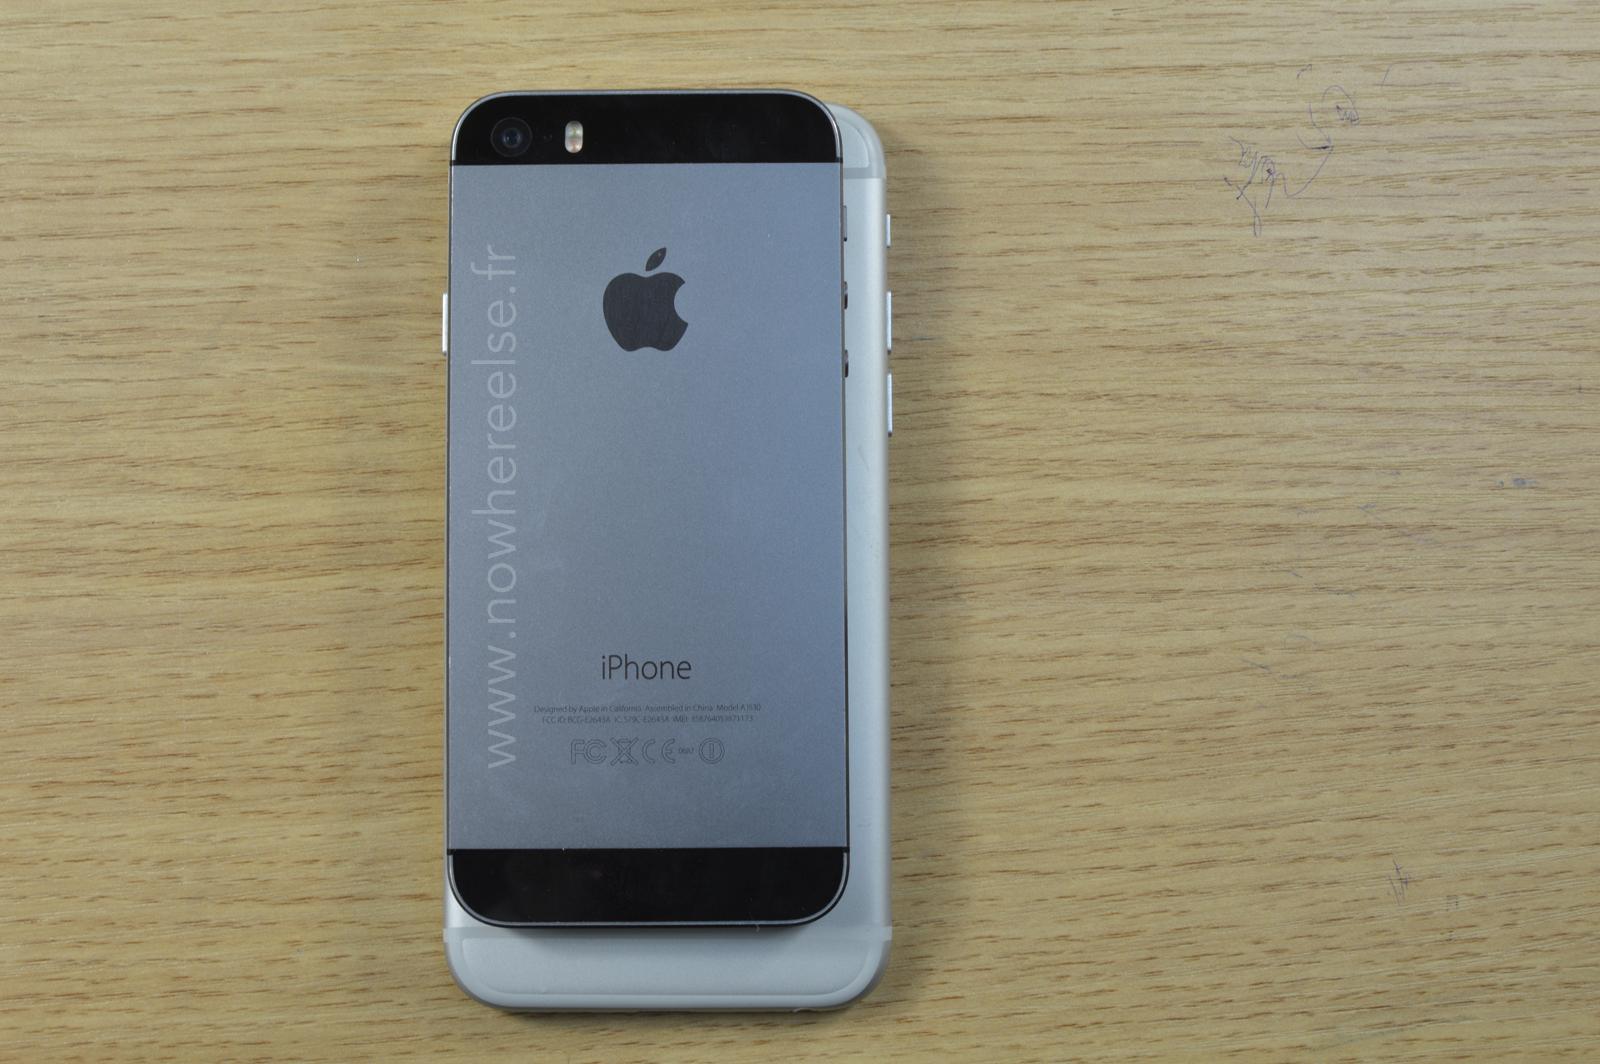 Dummy de iPhone 6 comparado com 5s